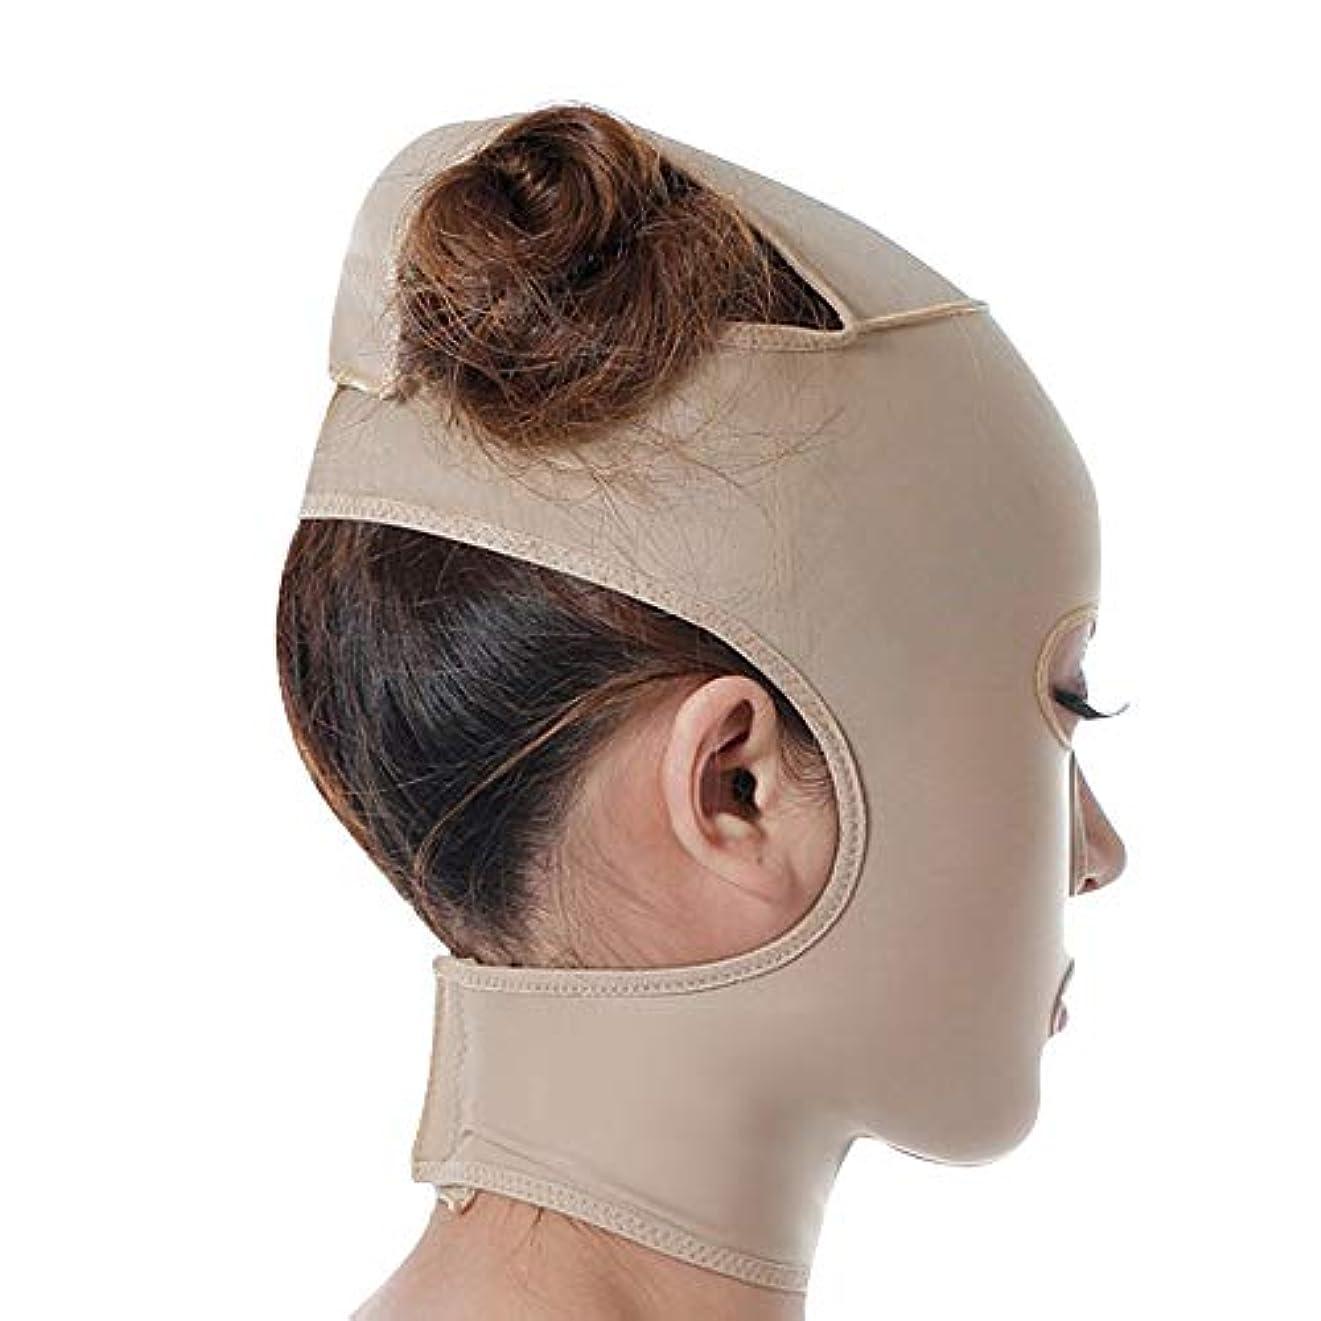 くびれた電話をかける名誉TLMY 引き締めマスクマスク美容薬マスク美容V顔包帯ライン彫刻リフティング引き締め二重あごマスク 顔用整形マスク (Size : M)